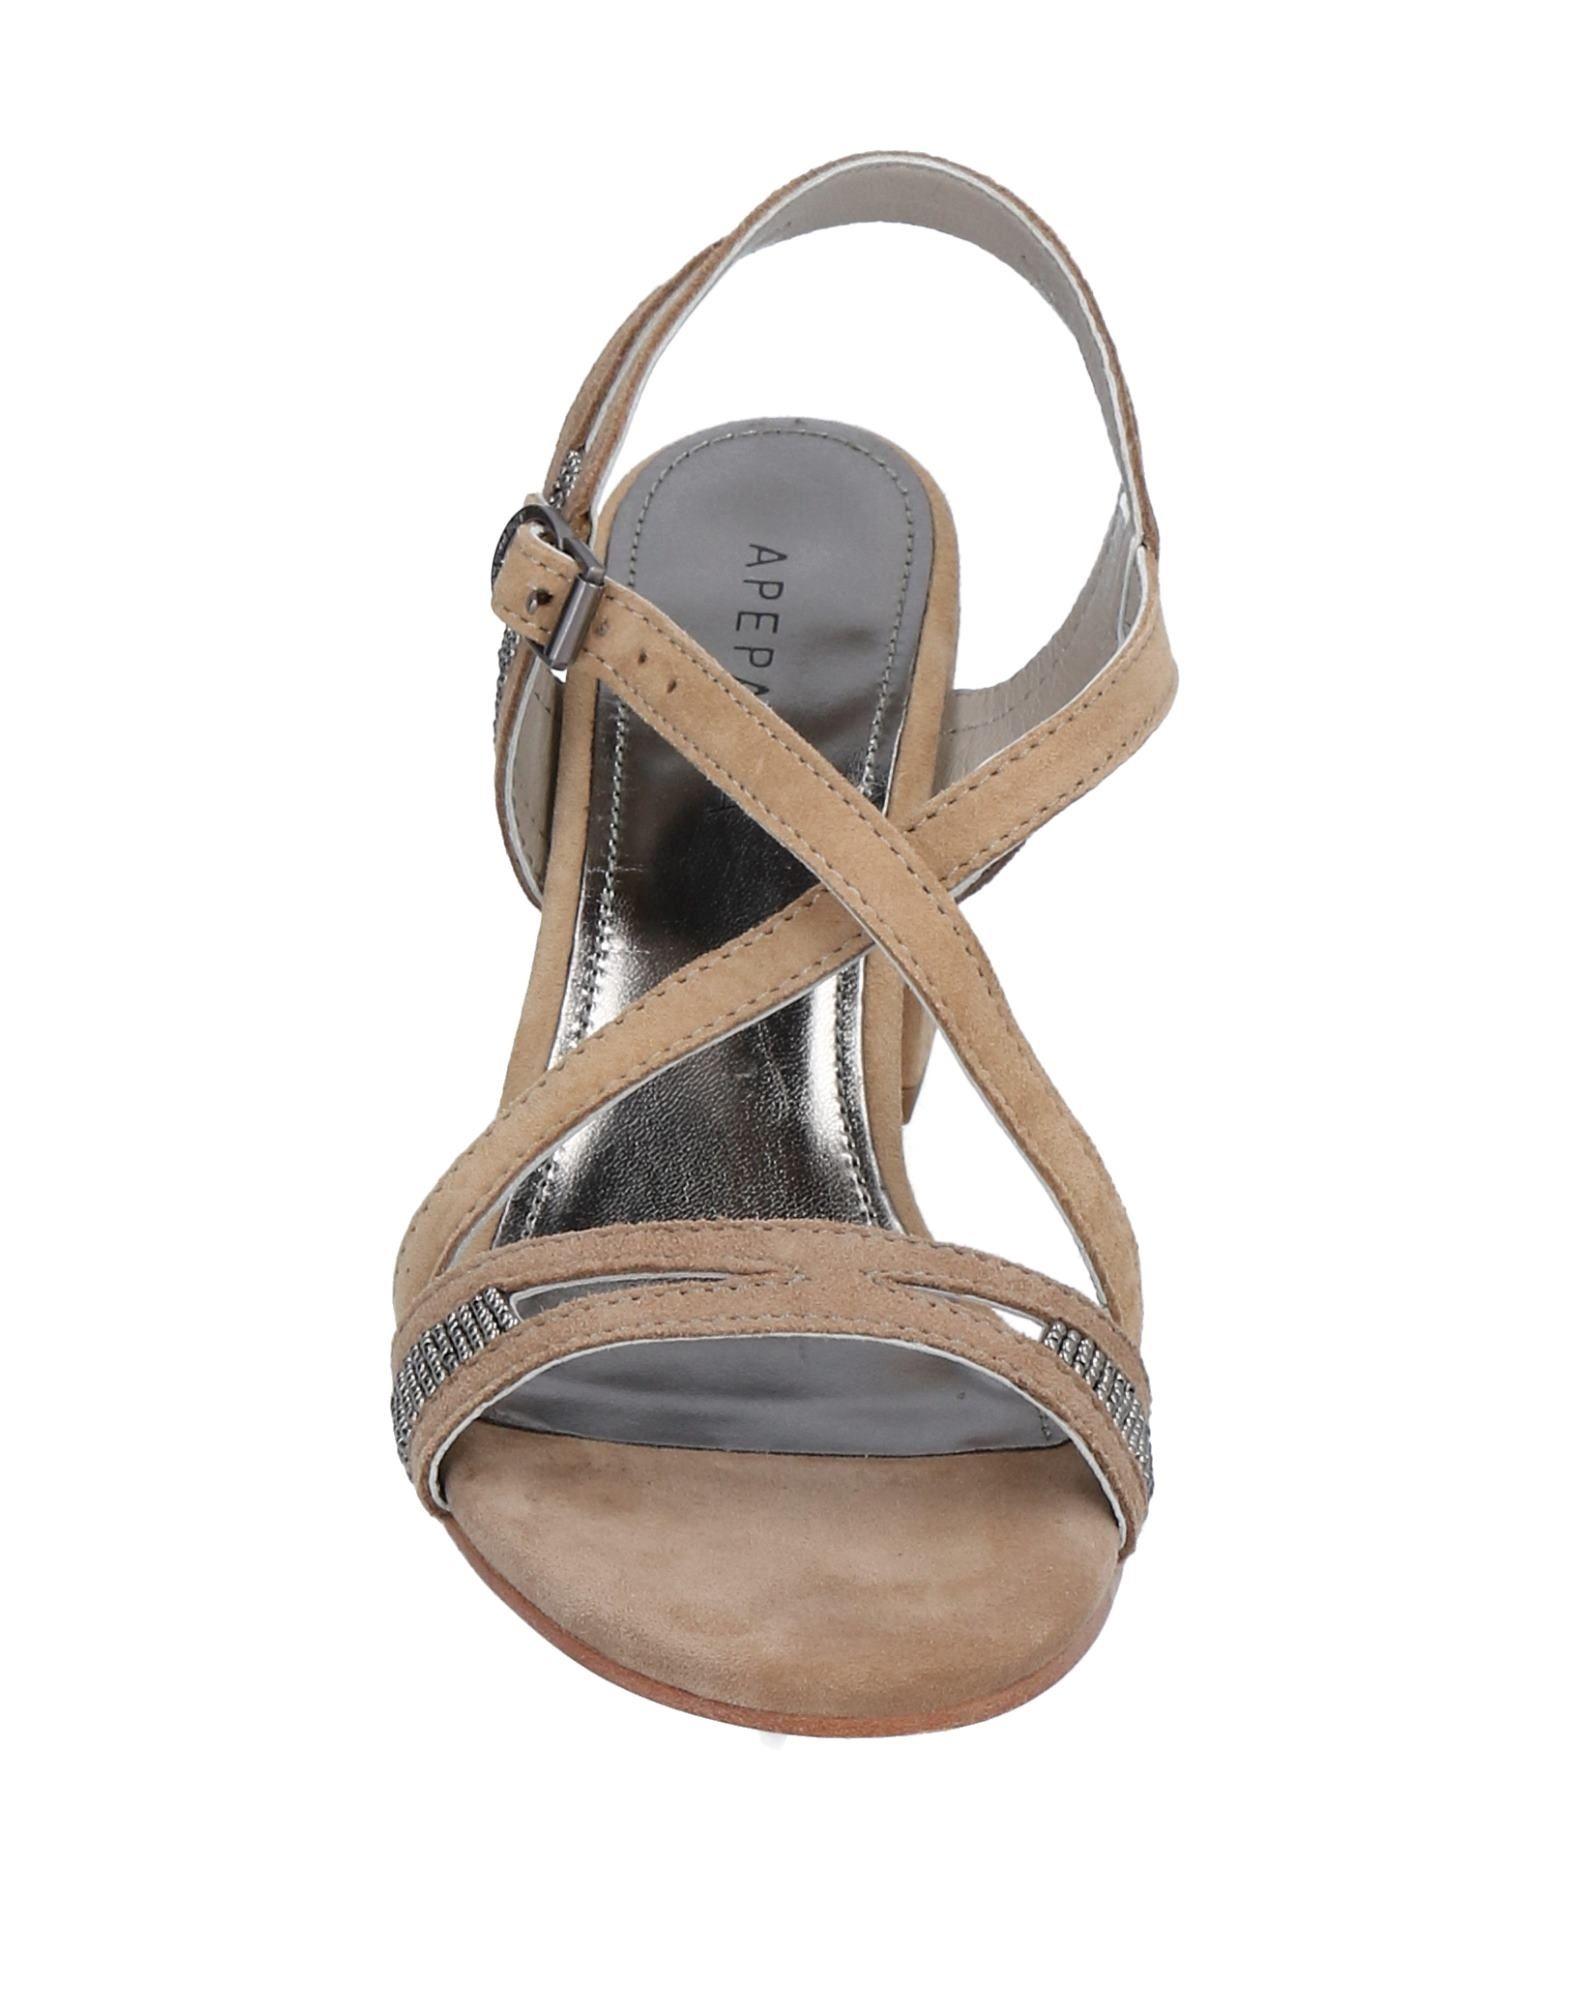 Apepazza Sandalen Damen 11127491MO  11127491MO Damen Gute Qualität beliebte Schuhe b0f7a8